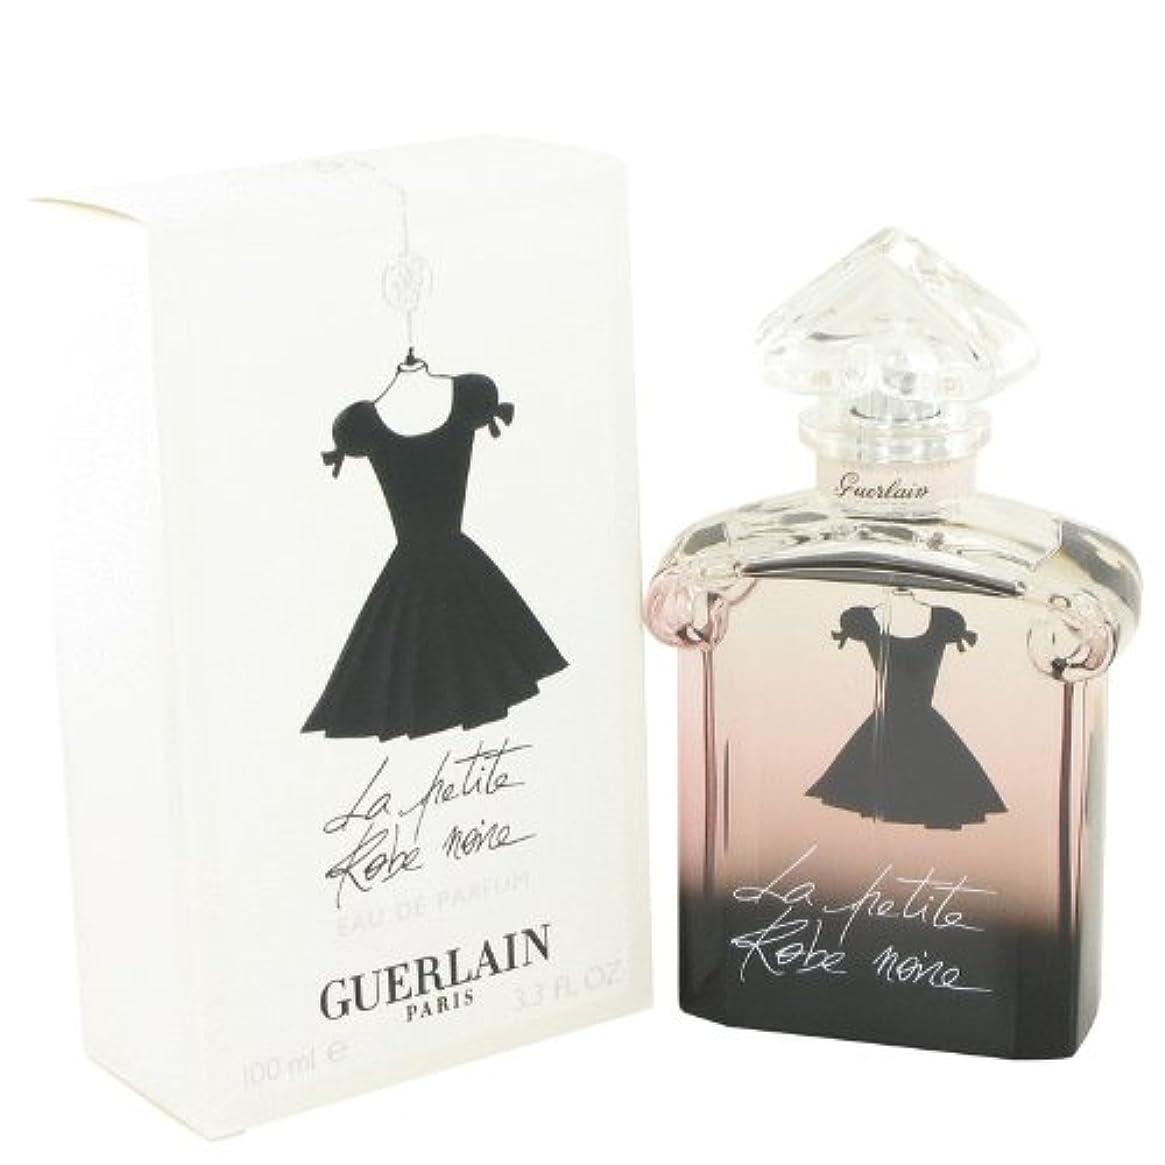 裏切り者セーター強度La Petite Robe Noire (ラ プティ ローブ ノアー) 6.7 oz (200ml) Body Milk by Guerlain for Women